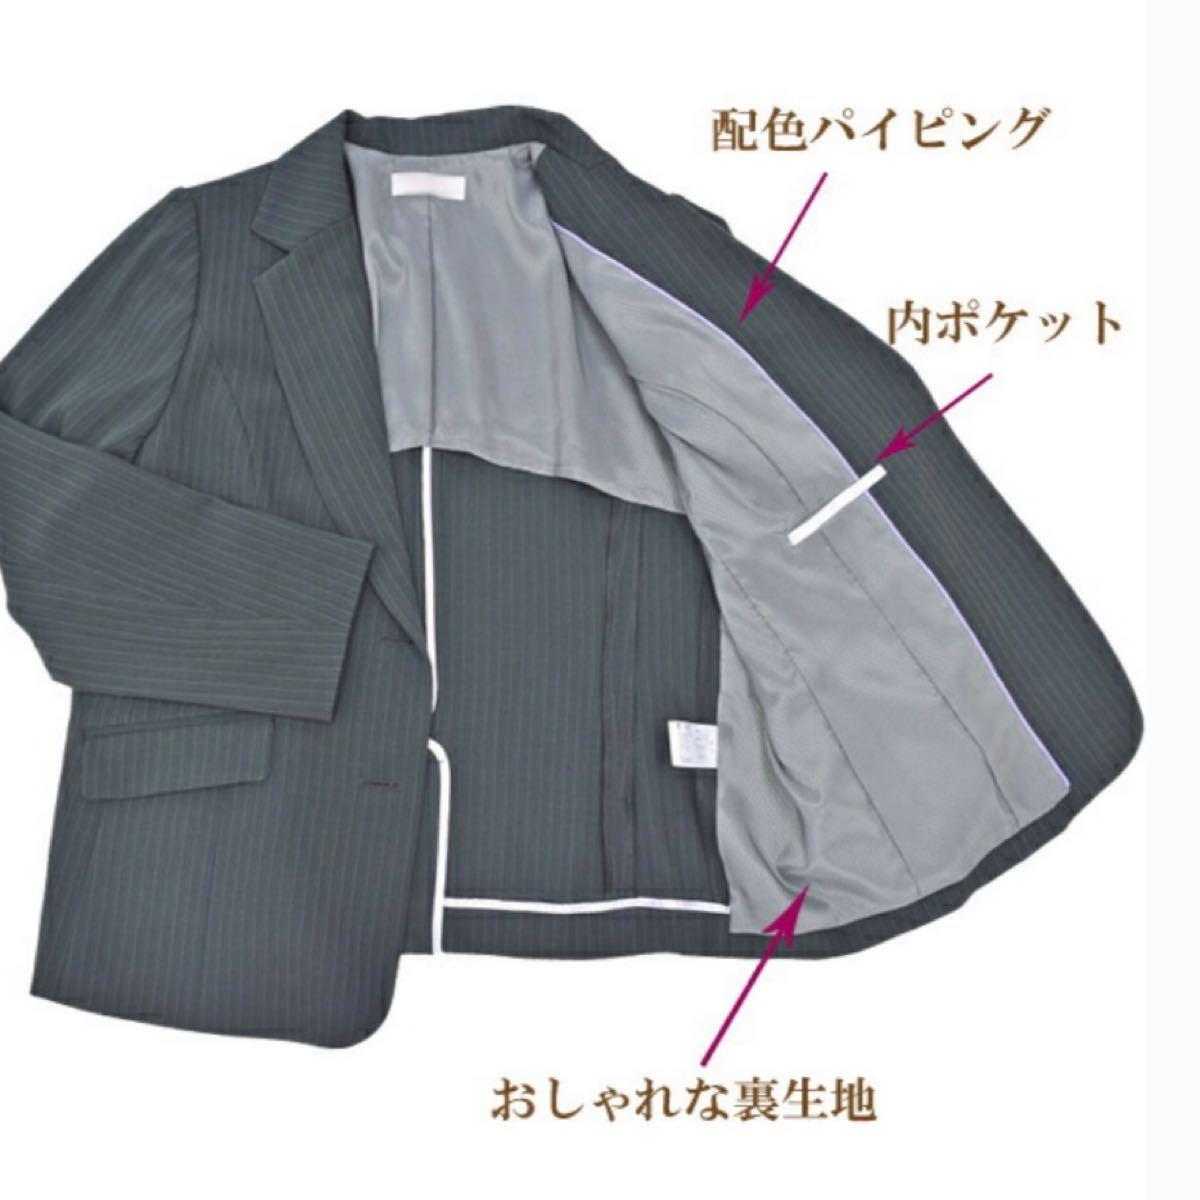 ジャケット テーラードジャケット グレーストライプ